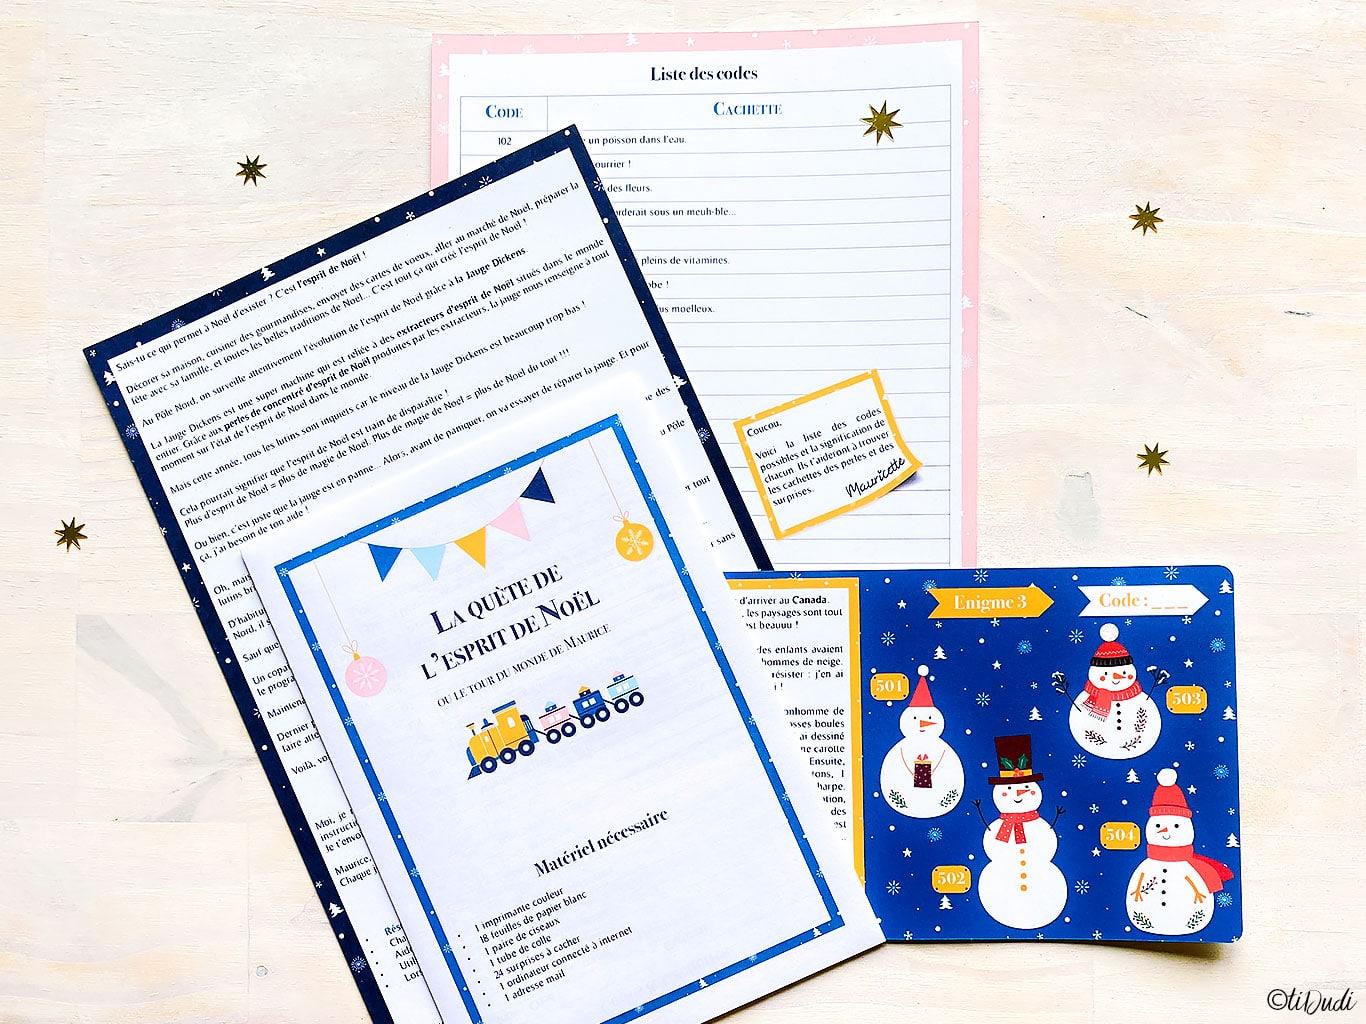 Calendrier de l'Avent escape game sur les traditions de Noël. 24 énigmes et 24 chasses aux trésors. Pour enfants de 7 à 10 ans. tiDudi